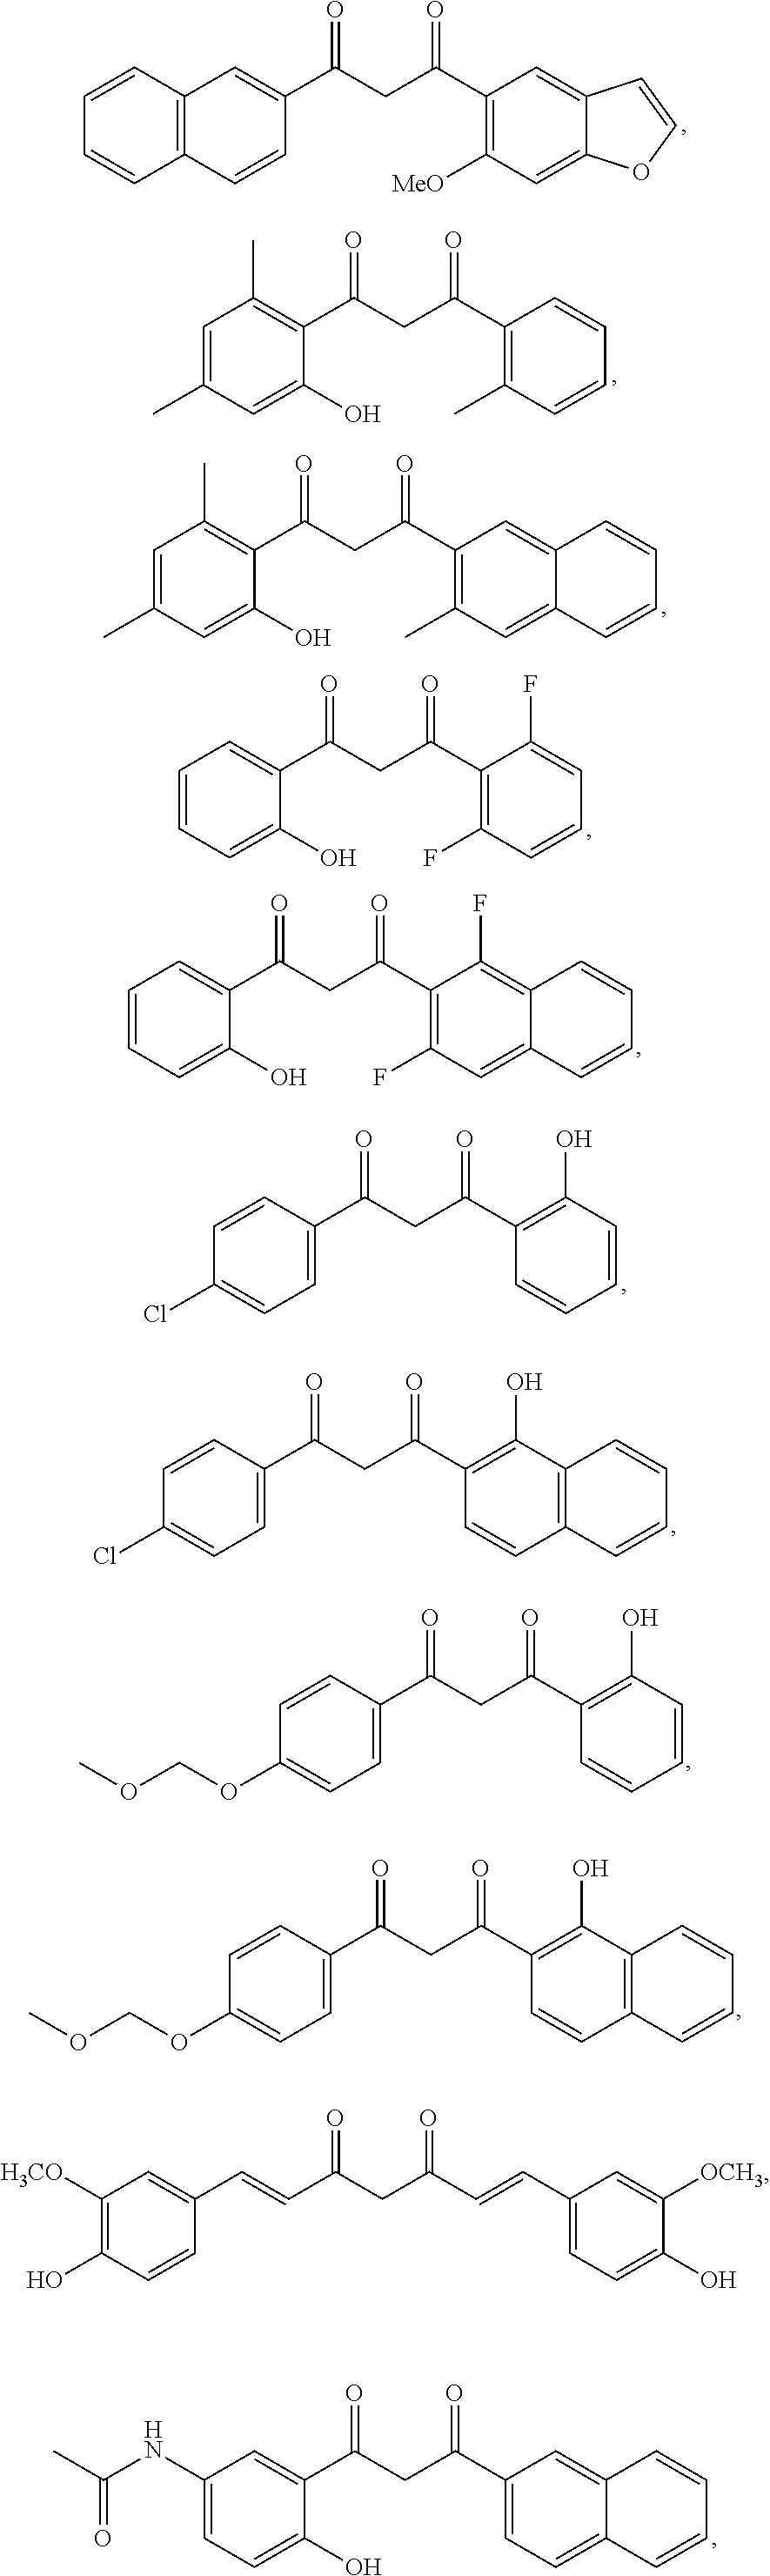 Figure US07955861-20110607-C00030